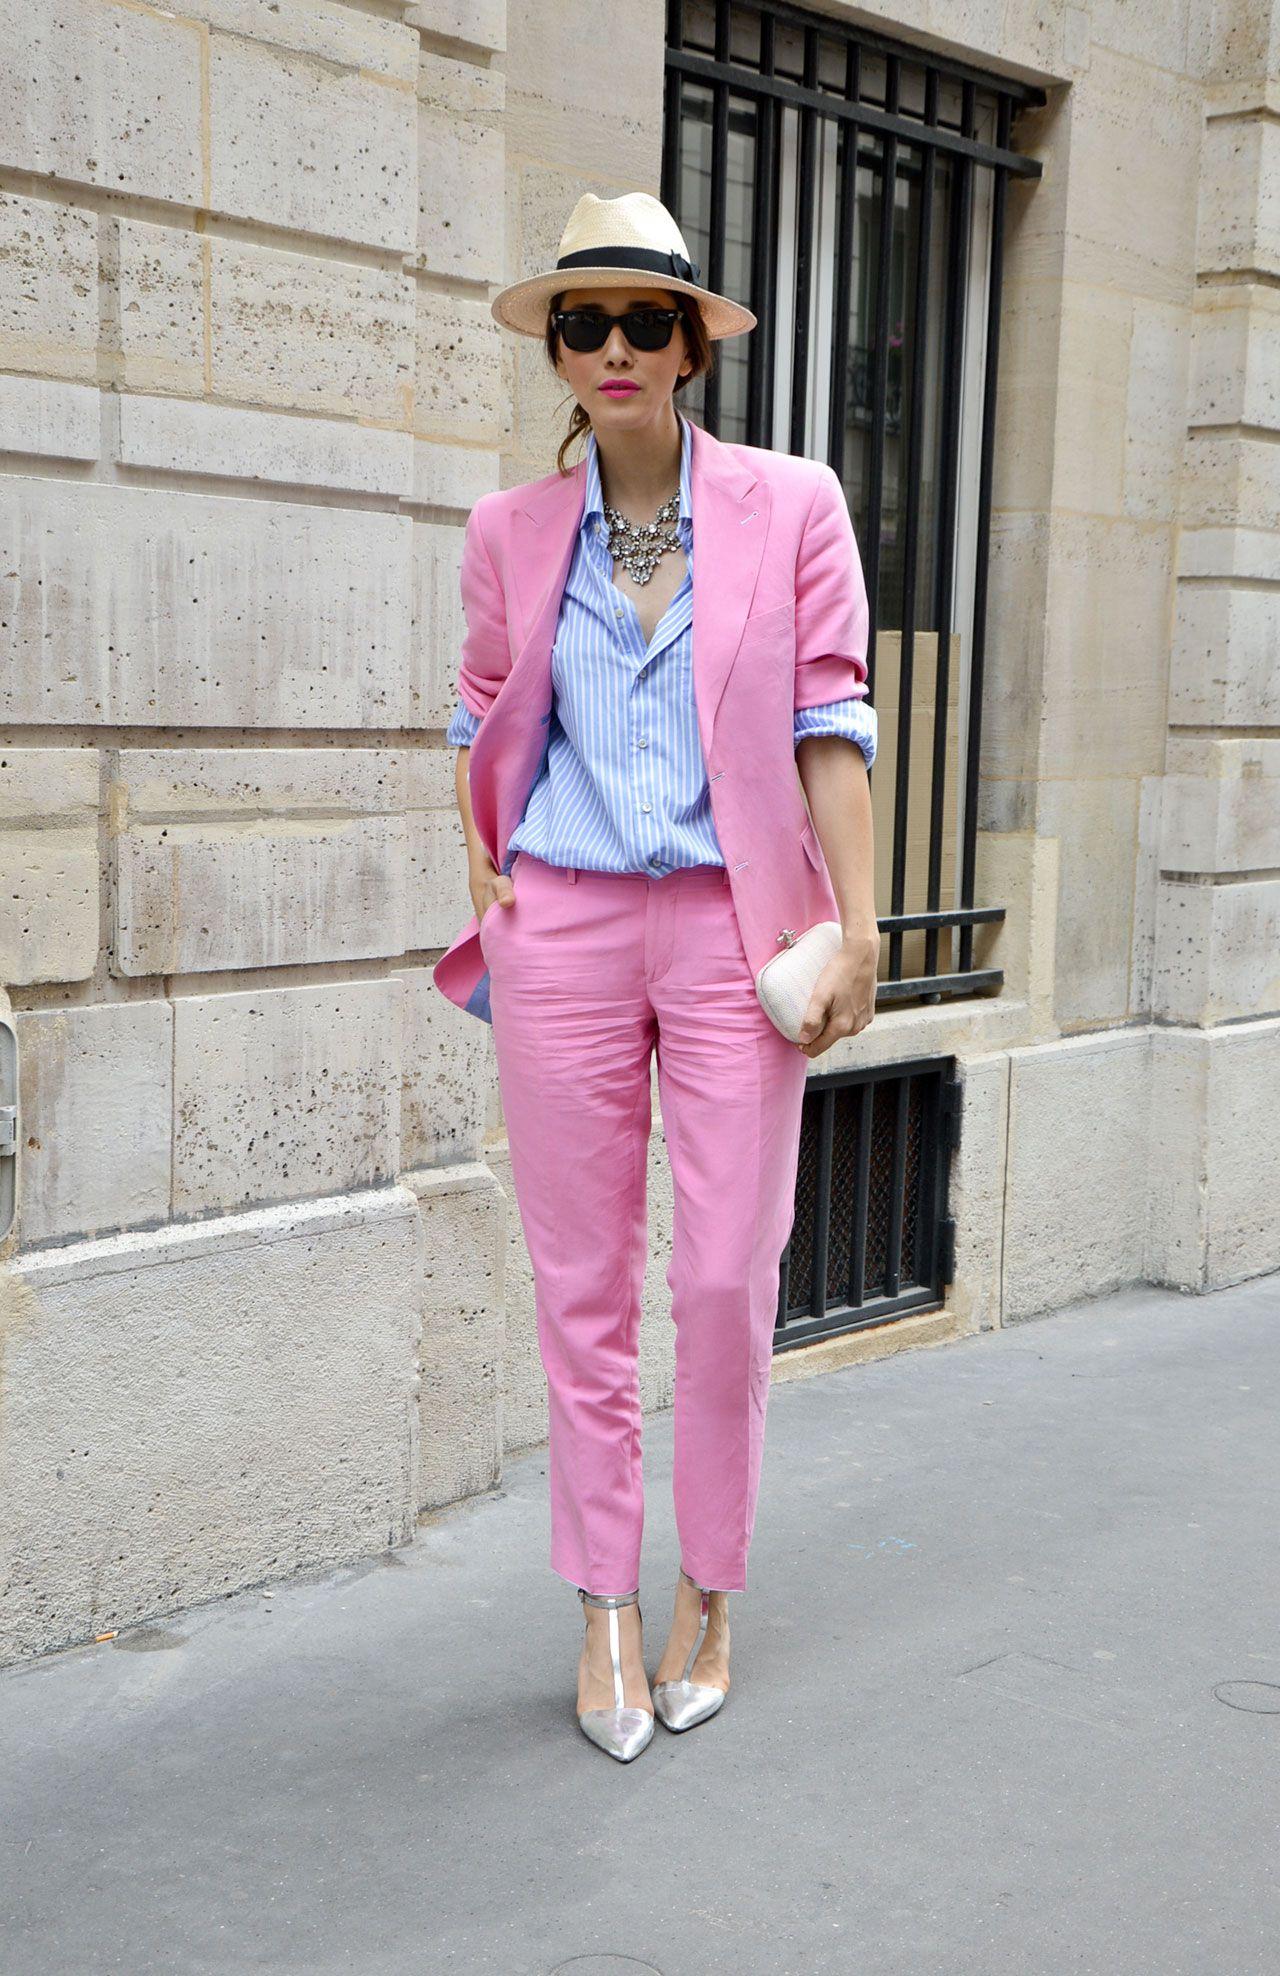 moda-tendencia-rosa-como-usar-dicas-estilo